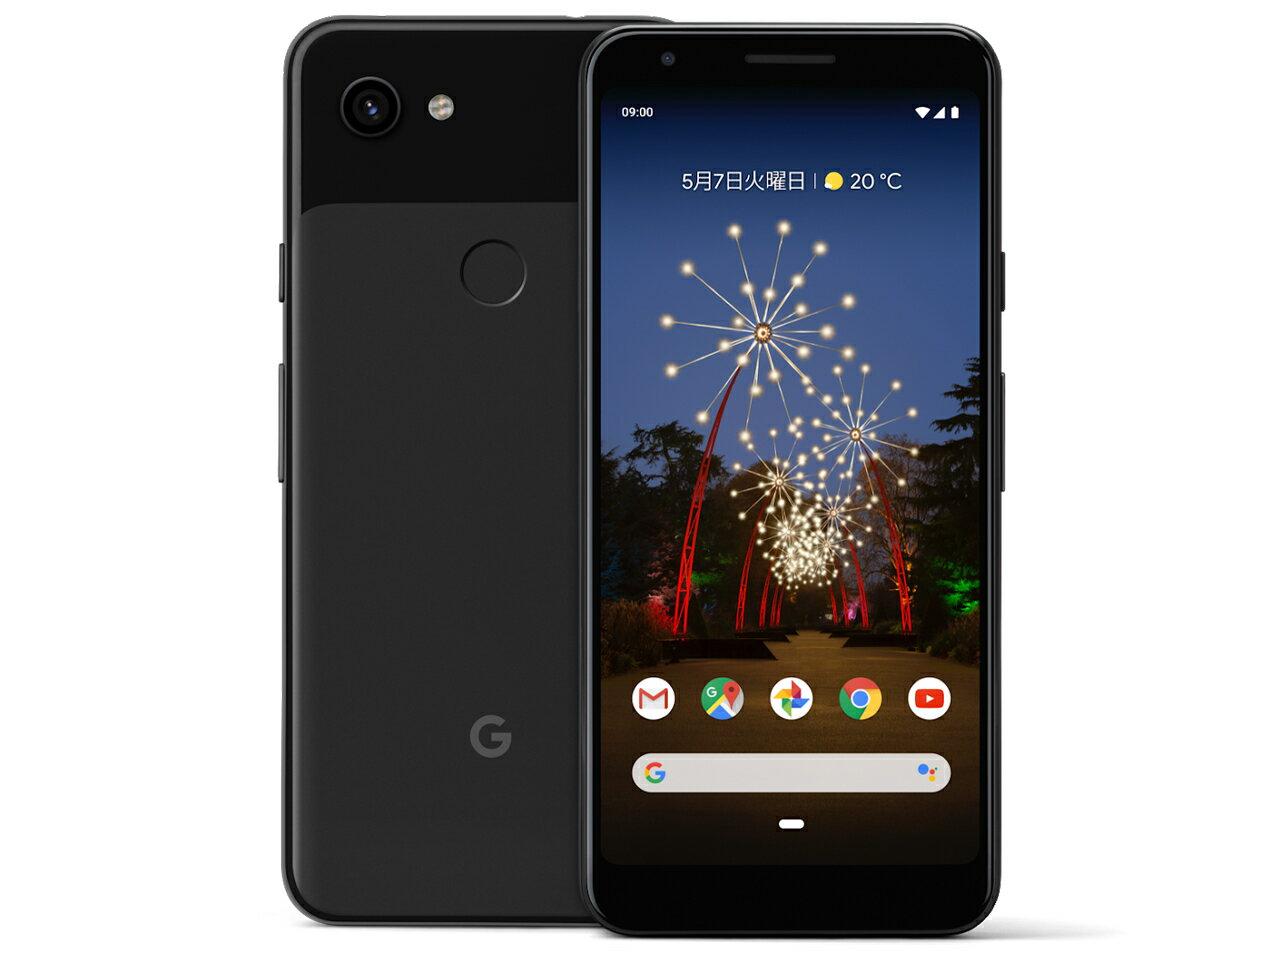 softabnk/Google/SIMフリー/Pixel 3a/64gb/G020H/just black「新品 未使用品 白ロム」SIMフリー ...